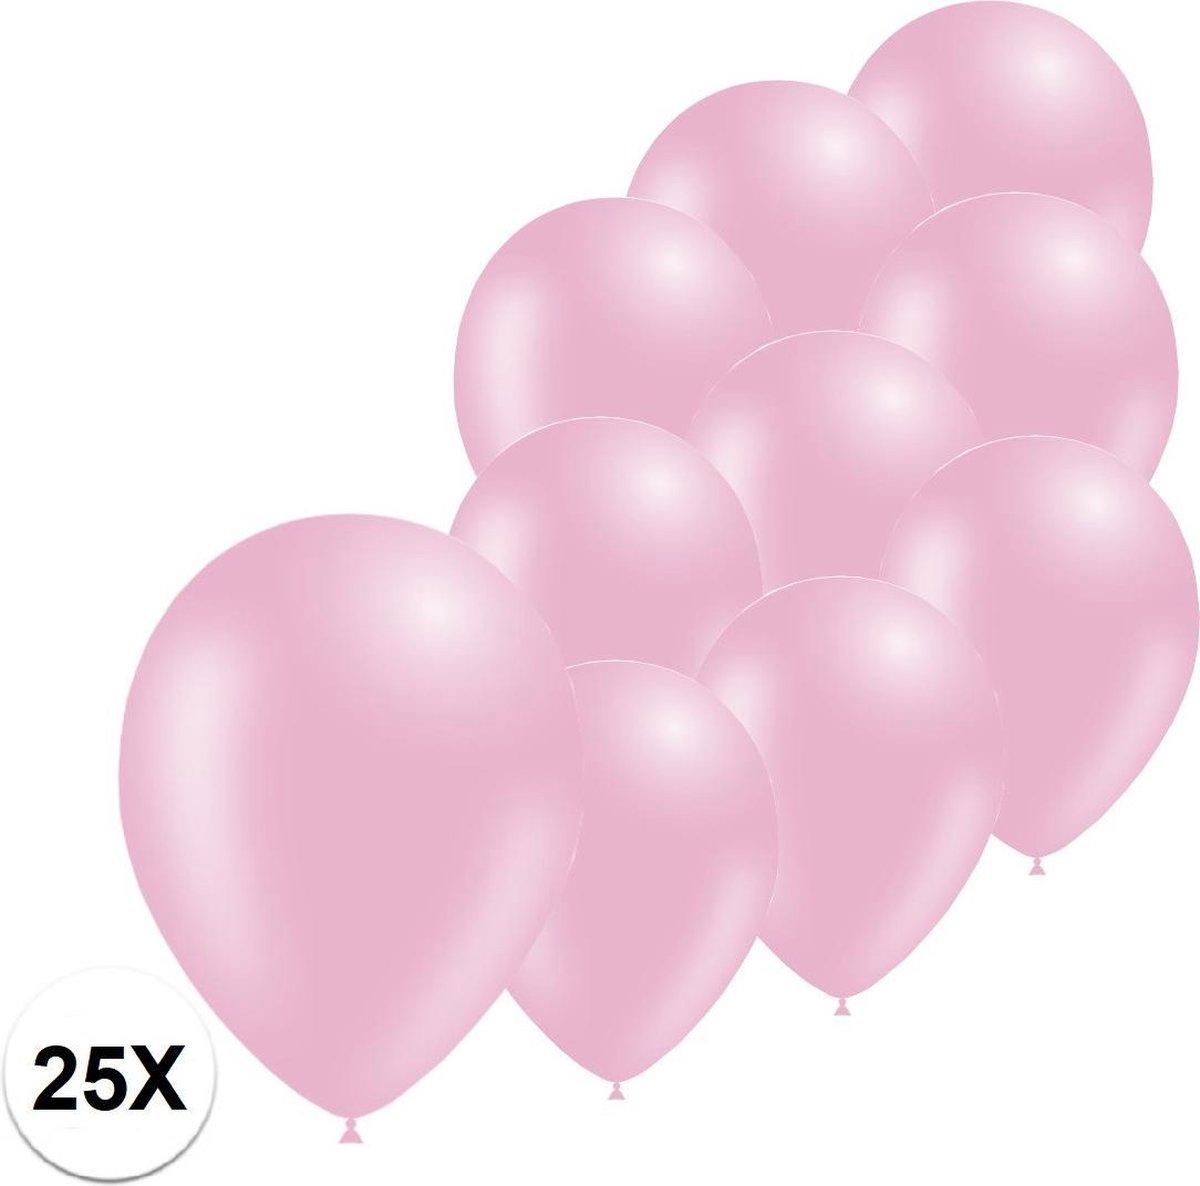 Roze Ballonnen Gender Reveal Babyshower Versiering Verjaardag Versiering Roze Helium Ballonnen Feest